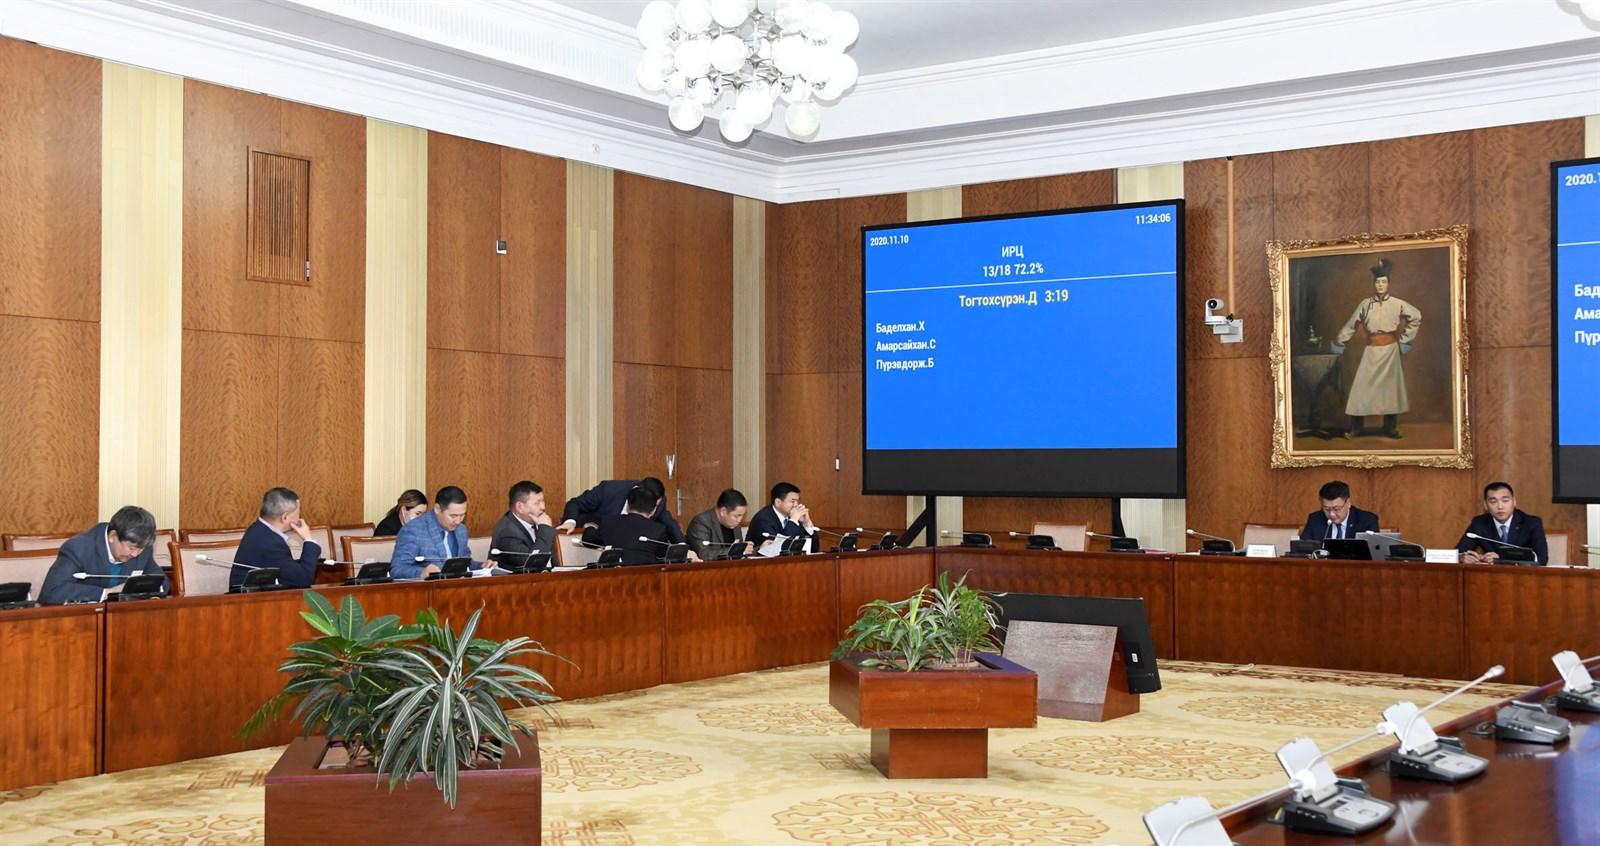 ТБХ: Монгол Улсын 2021 оны төсвийн тухай хуулиудын гурав дахь хэлэлцүүлгийг хийлээ